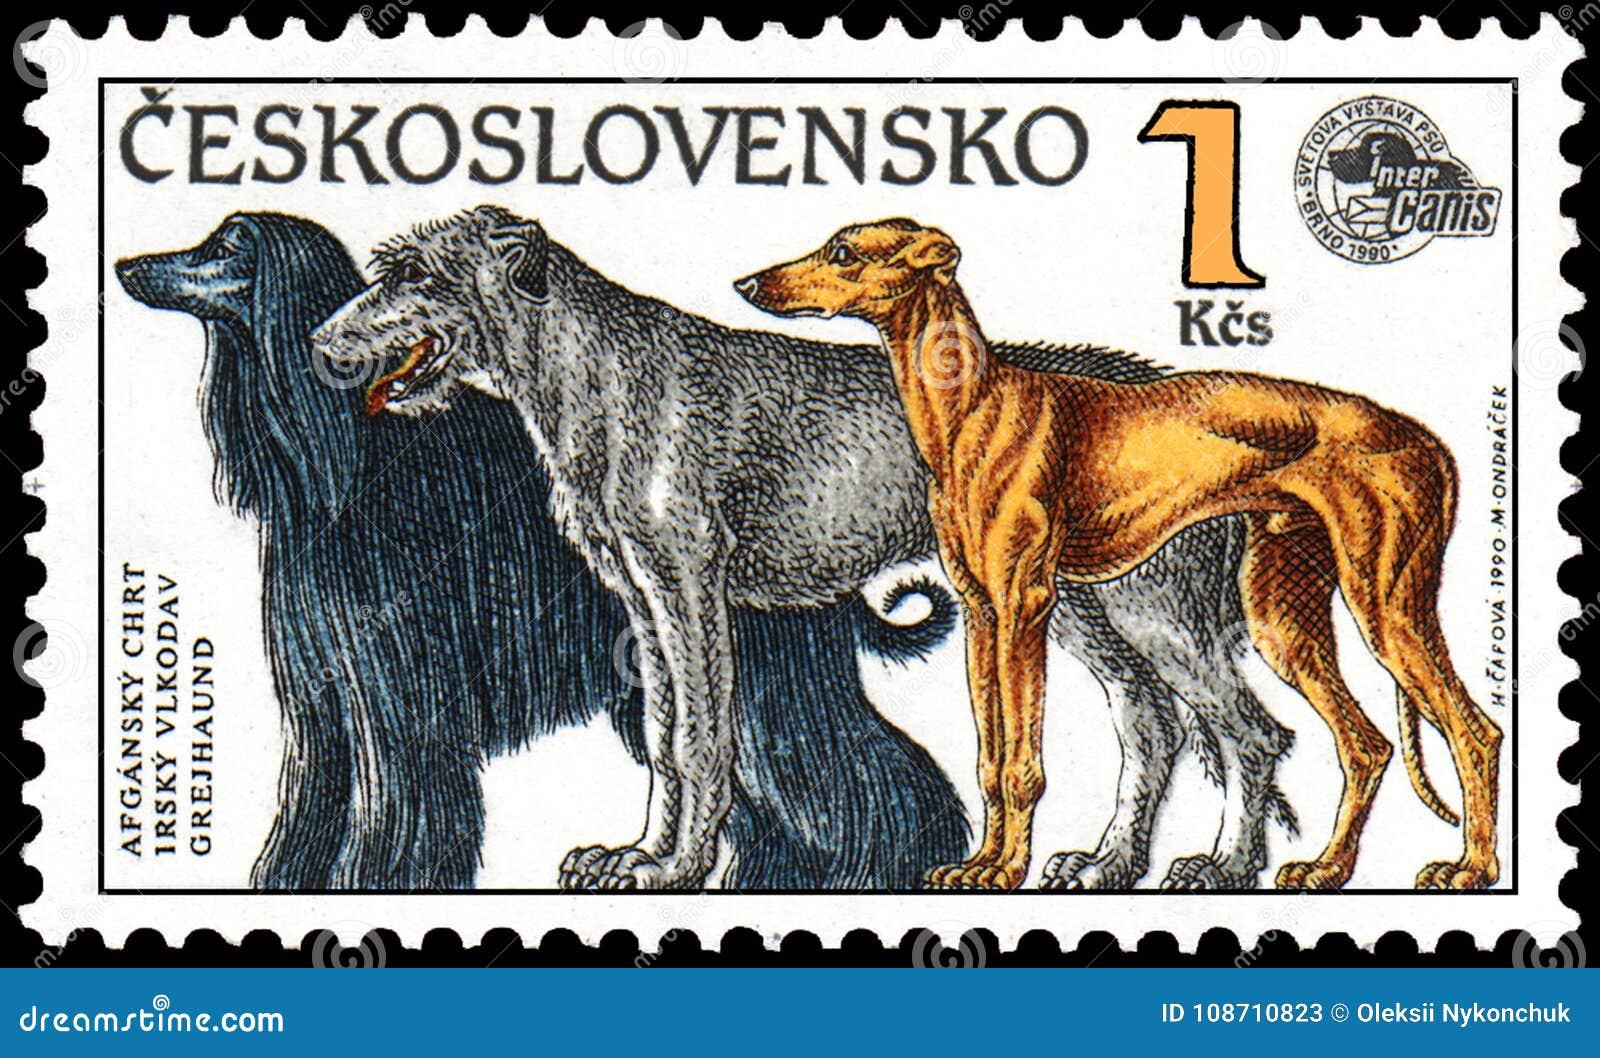 TJECKOSLOVAKIEN - CIRCA 1990: stämpla utskrivavet i Tjeckoslovakien, shower en afghansk hund, den irländska varghunden, vinthunde